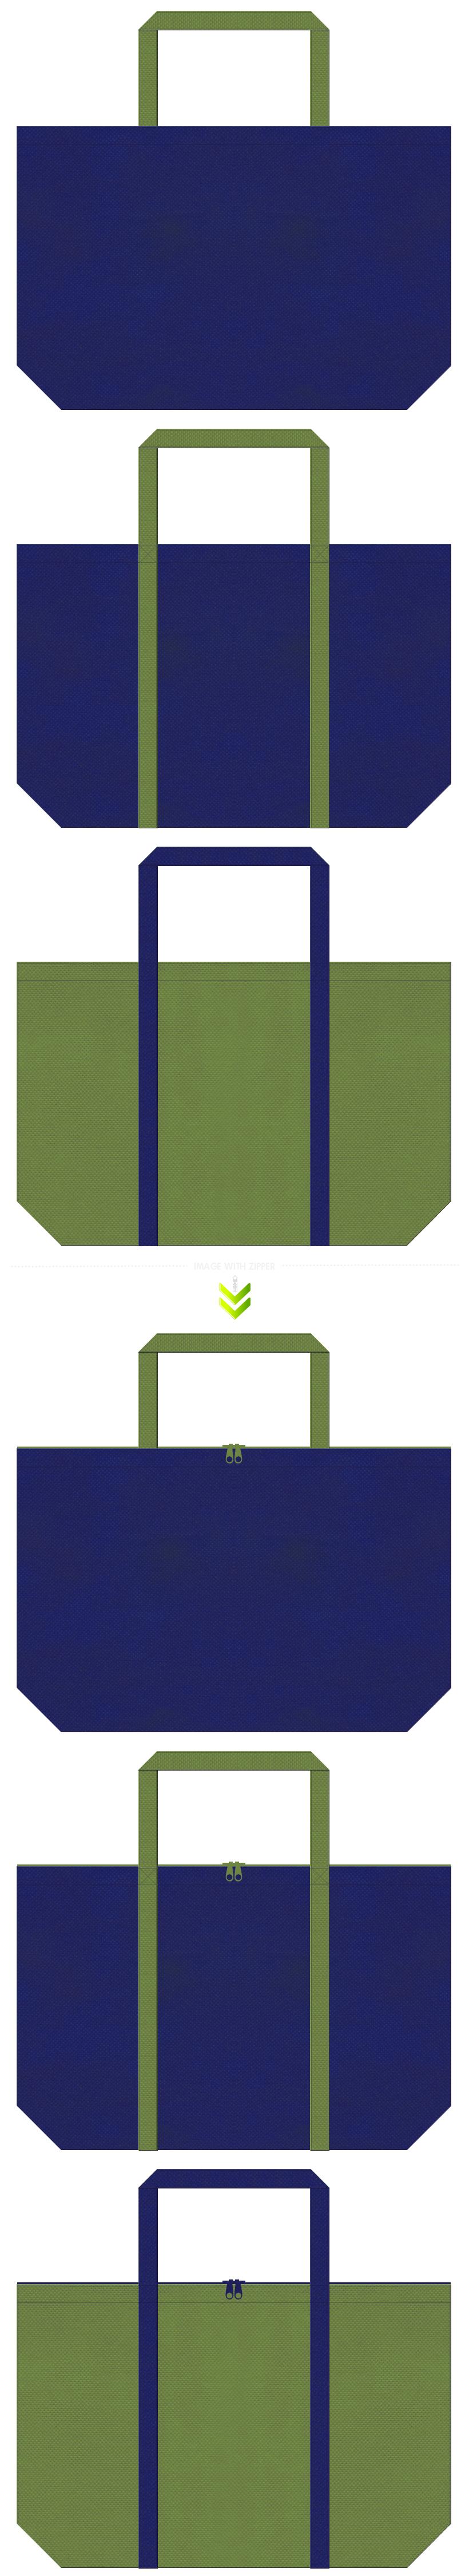 明るい紺色と草色の不織布エコバッグのデザイン。